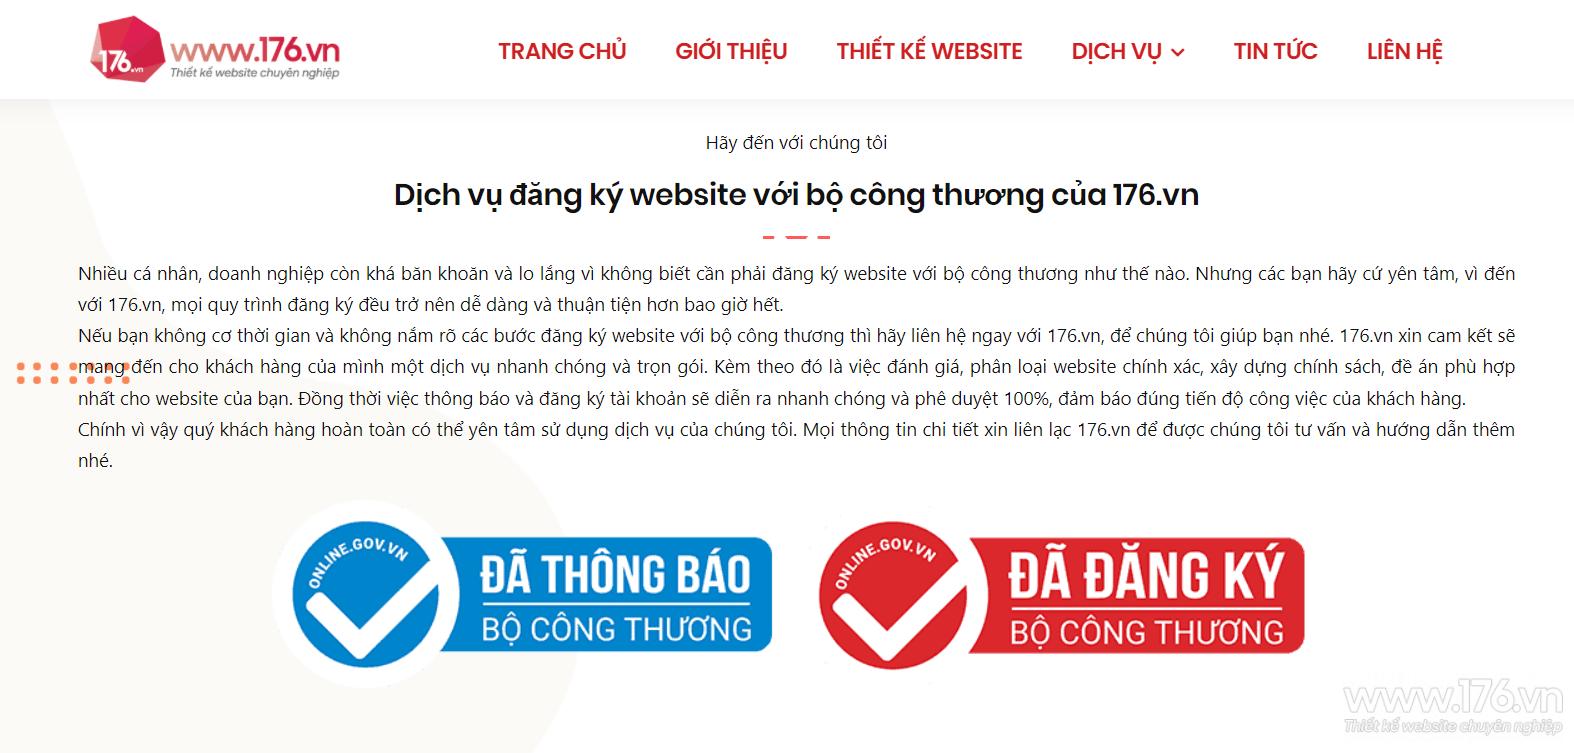 dich vu dang ky website voi bo cong thuong o quang ngai